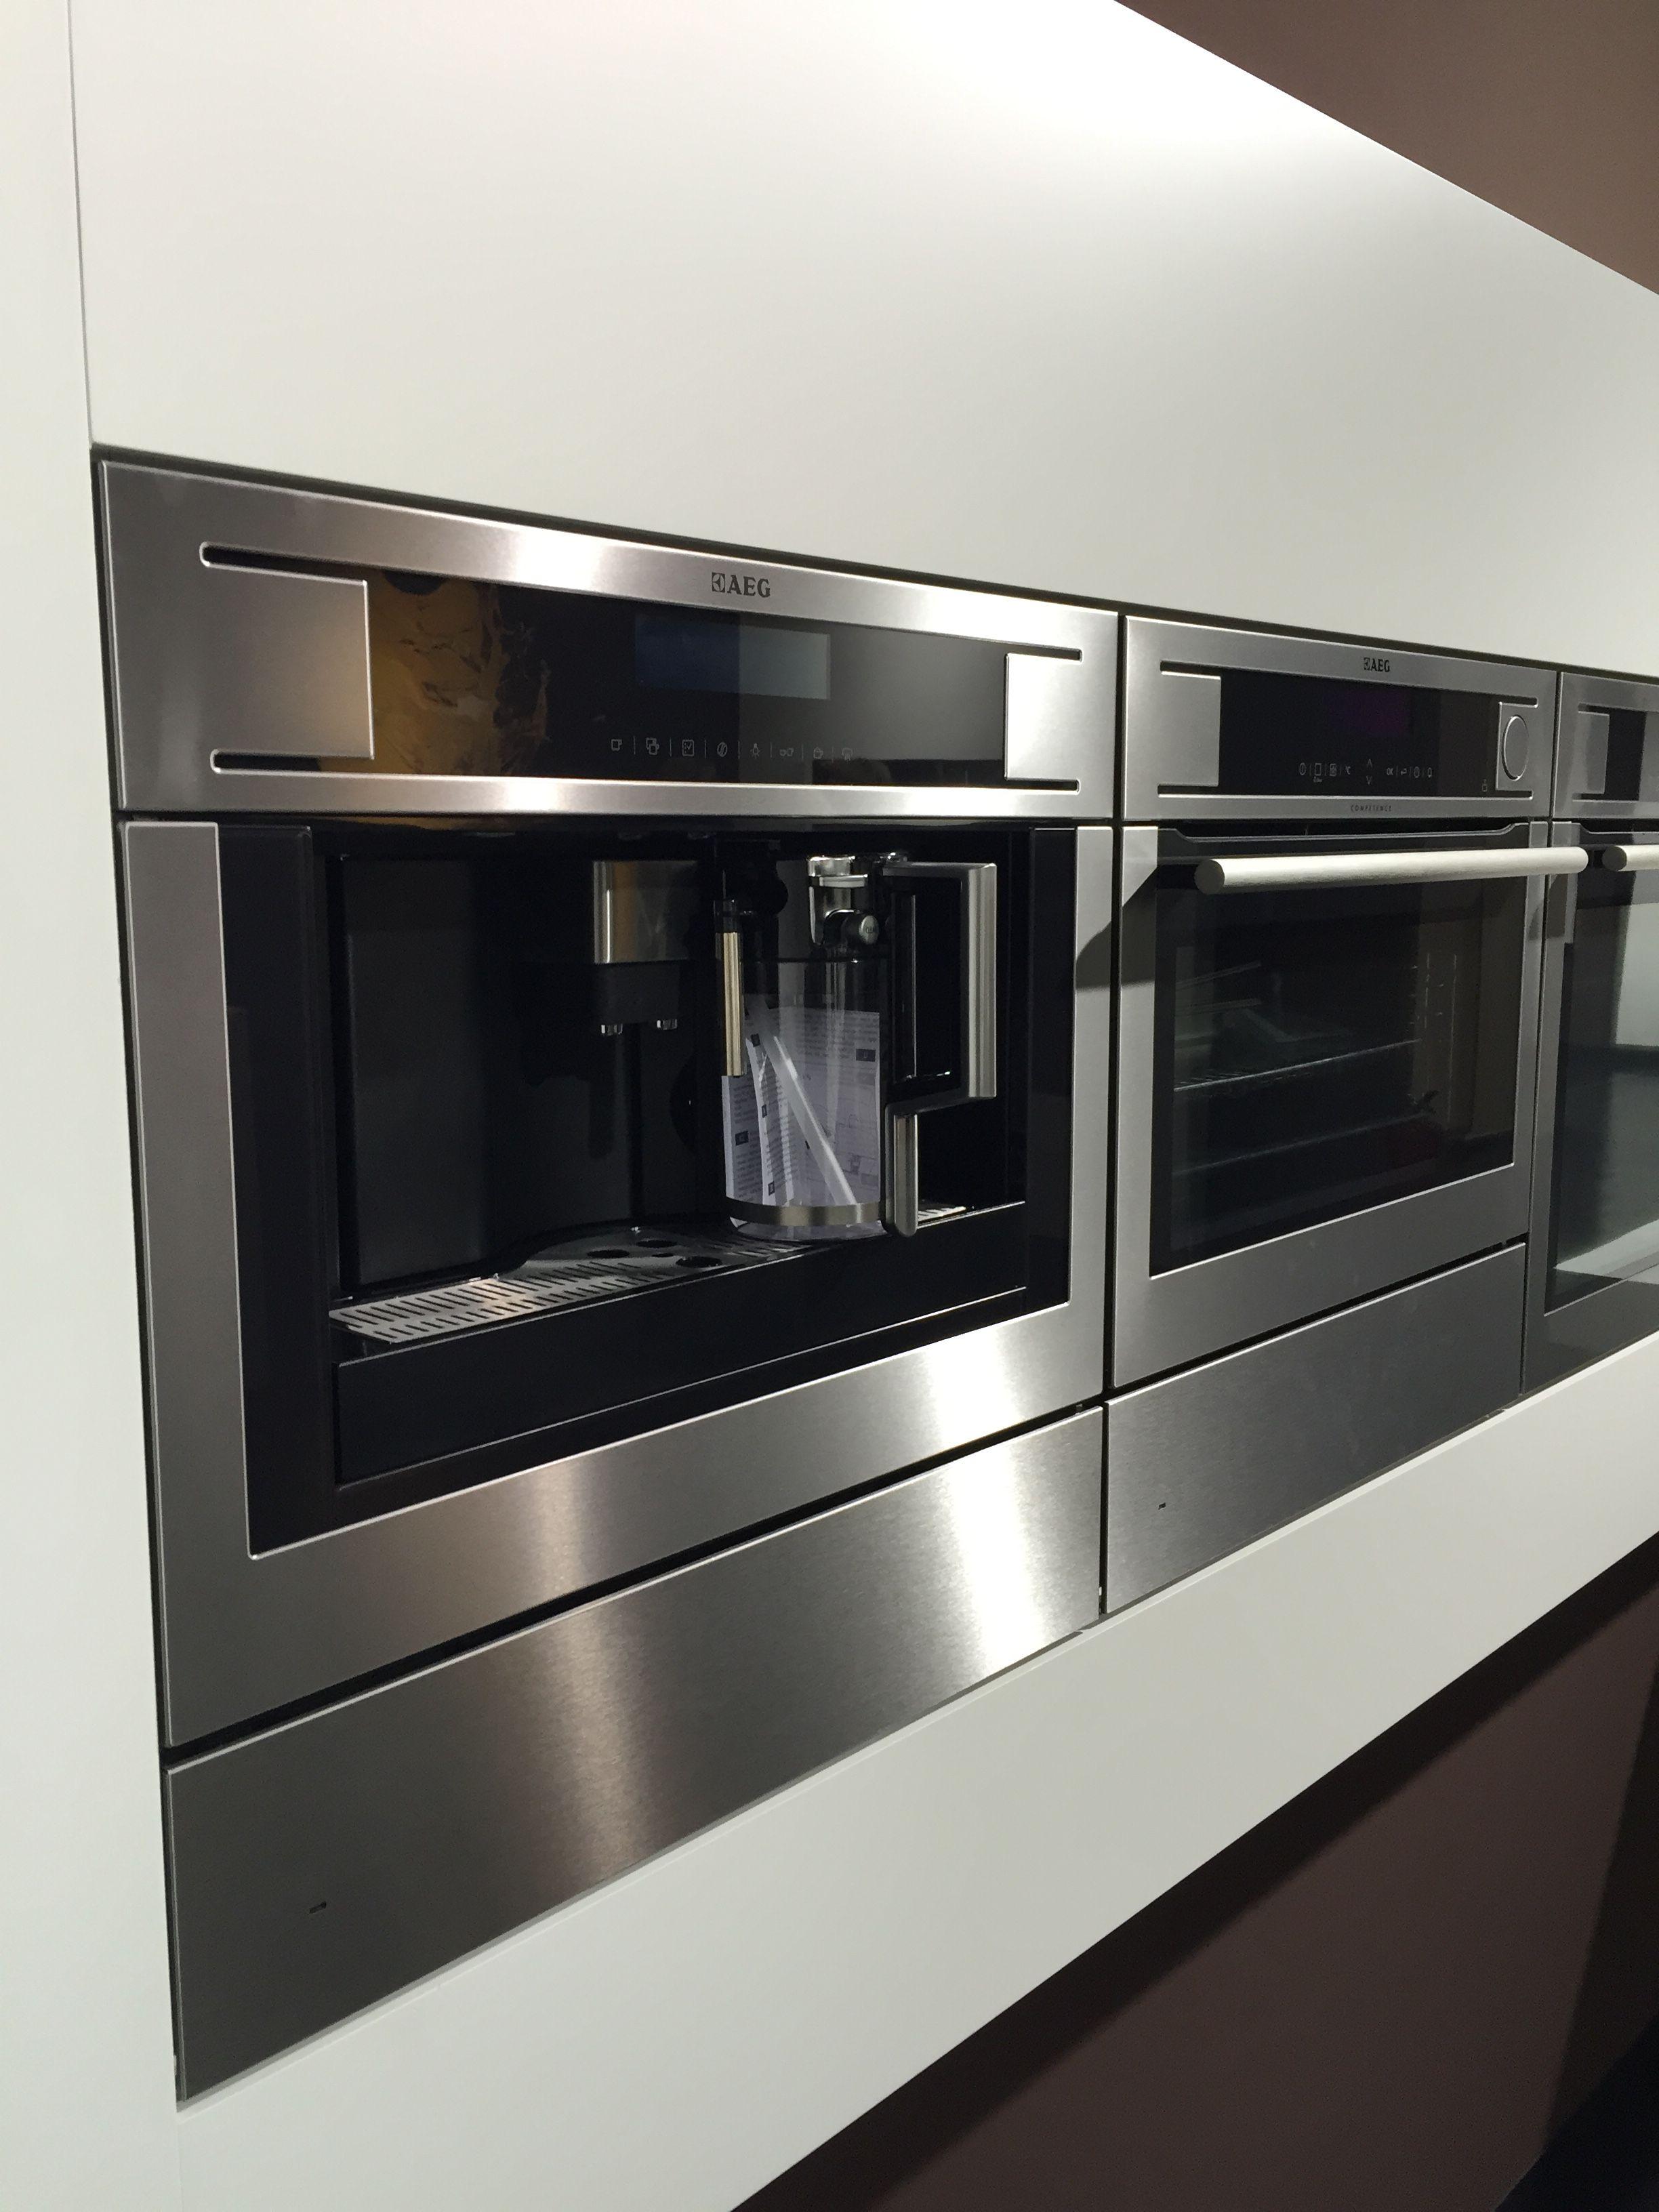 Countertop Dishwasher Adelaide : AEG luxe designline koffie en stoom naast elkaar met warnhoud/lades ...